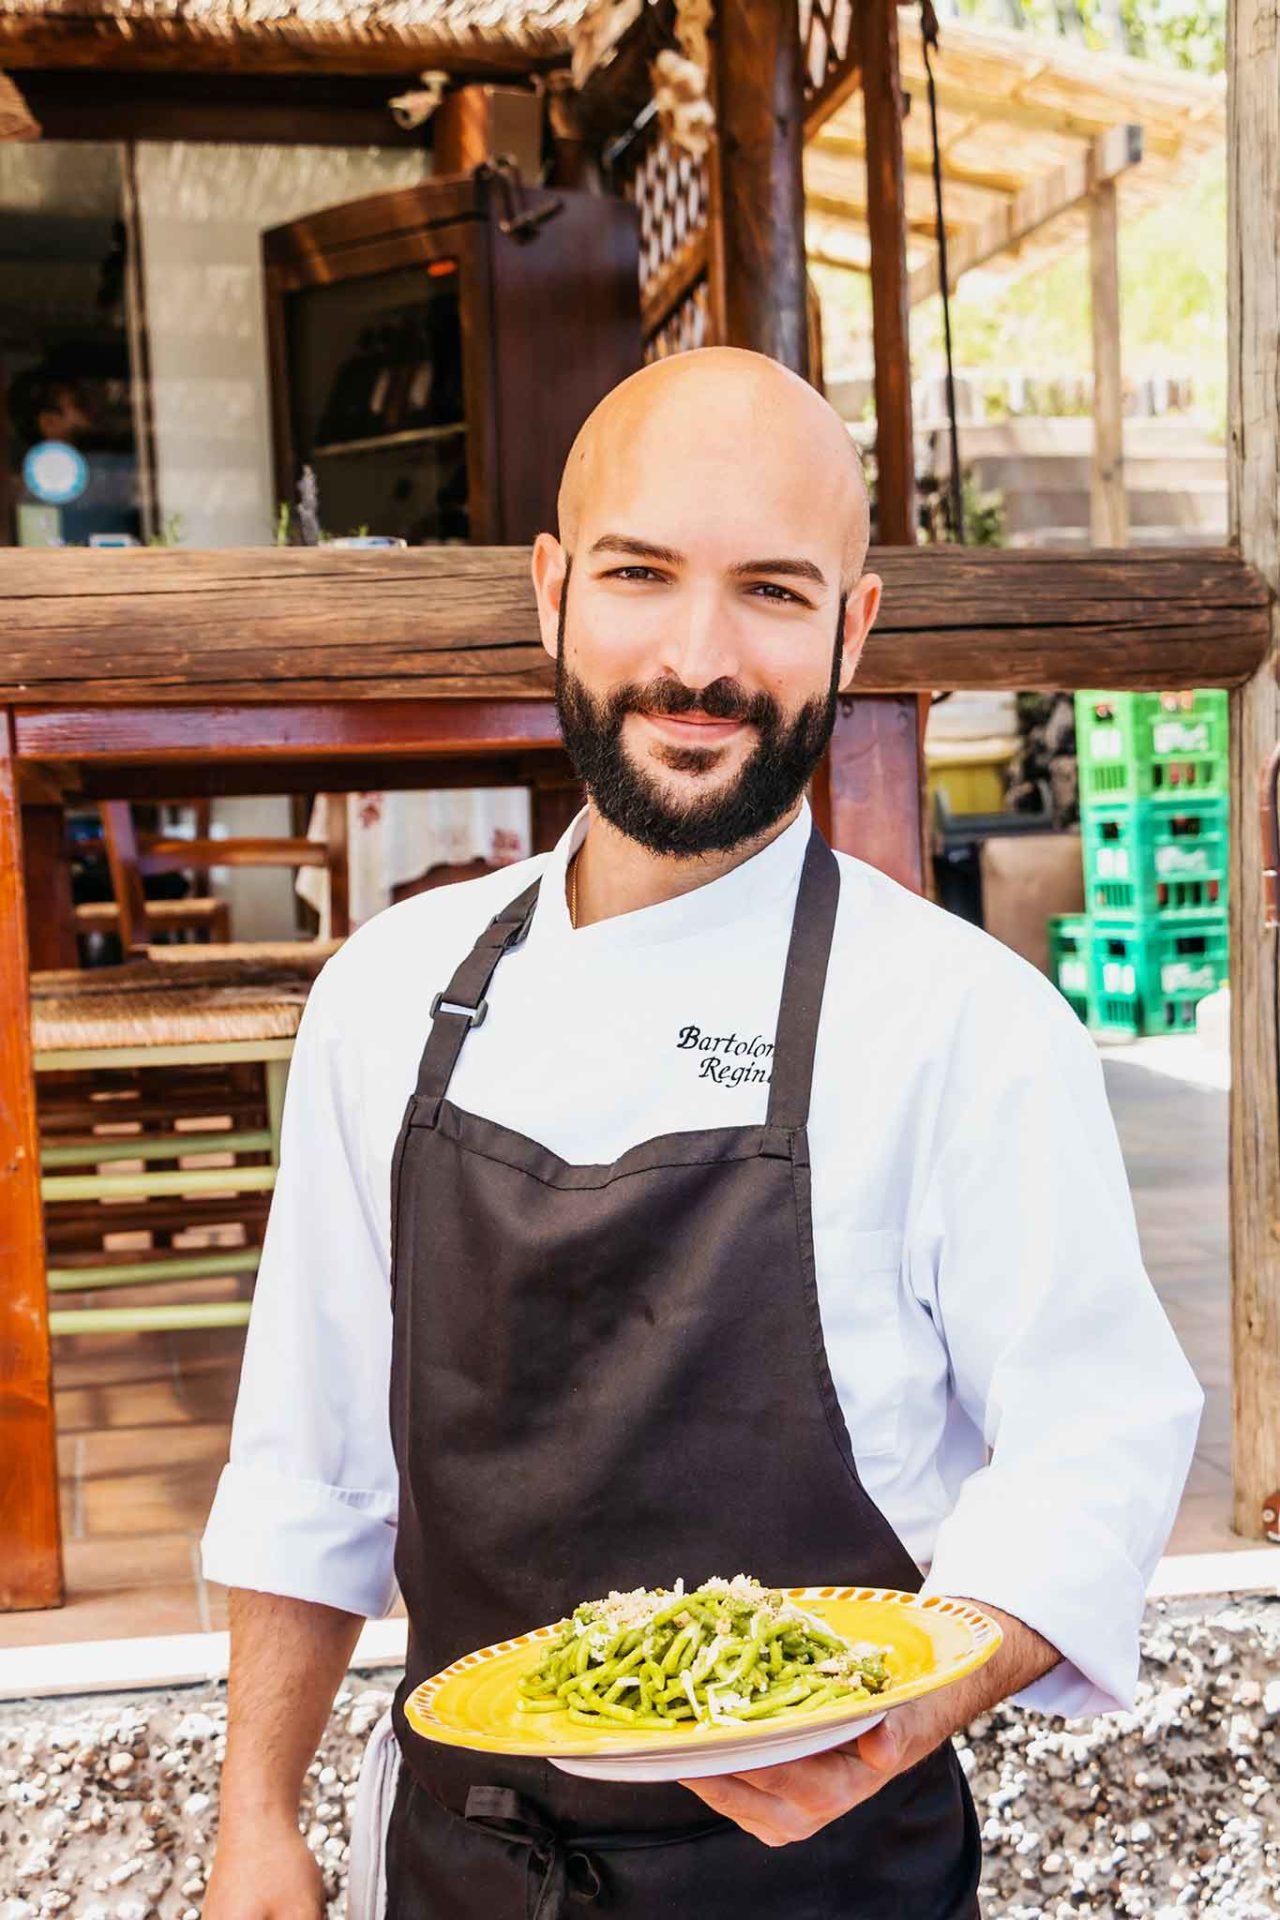 giovane cucina a Ischia: Bartolomeo Regine